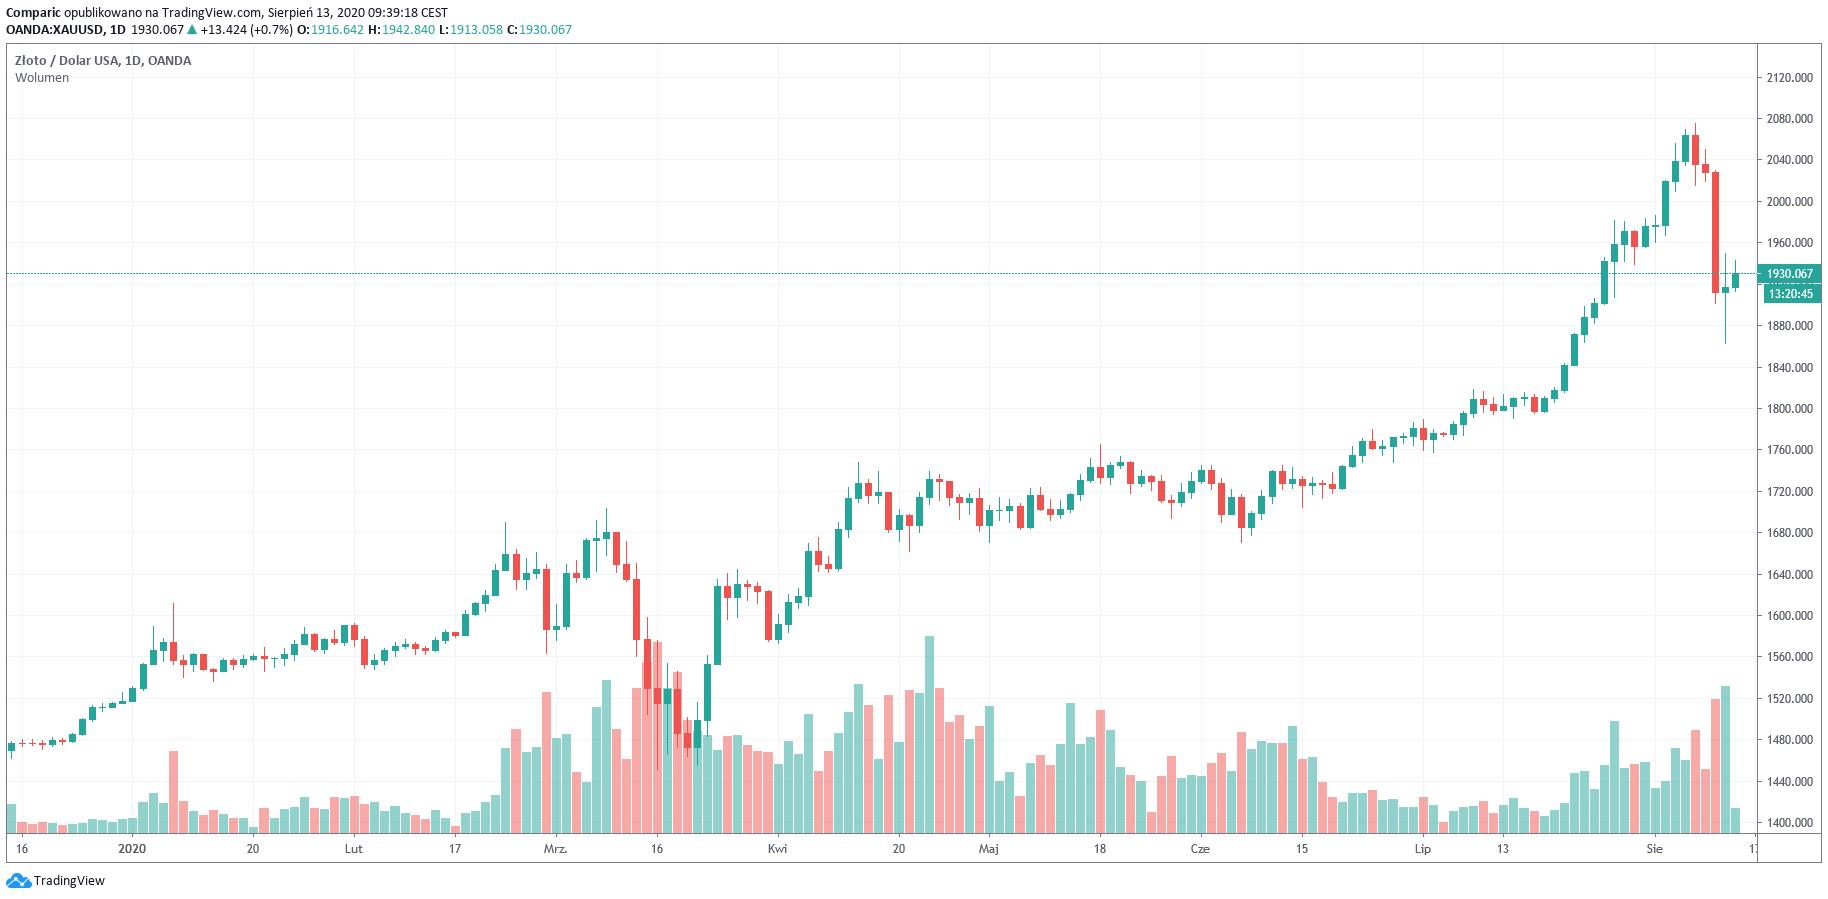 Cena złota w czwartek powyżej 1930 dol., w środę niezwykle burzliwy dzień dla kursu kruszczu